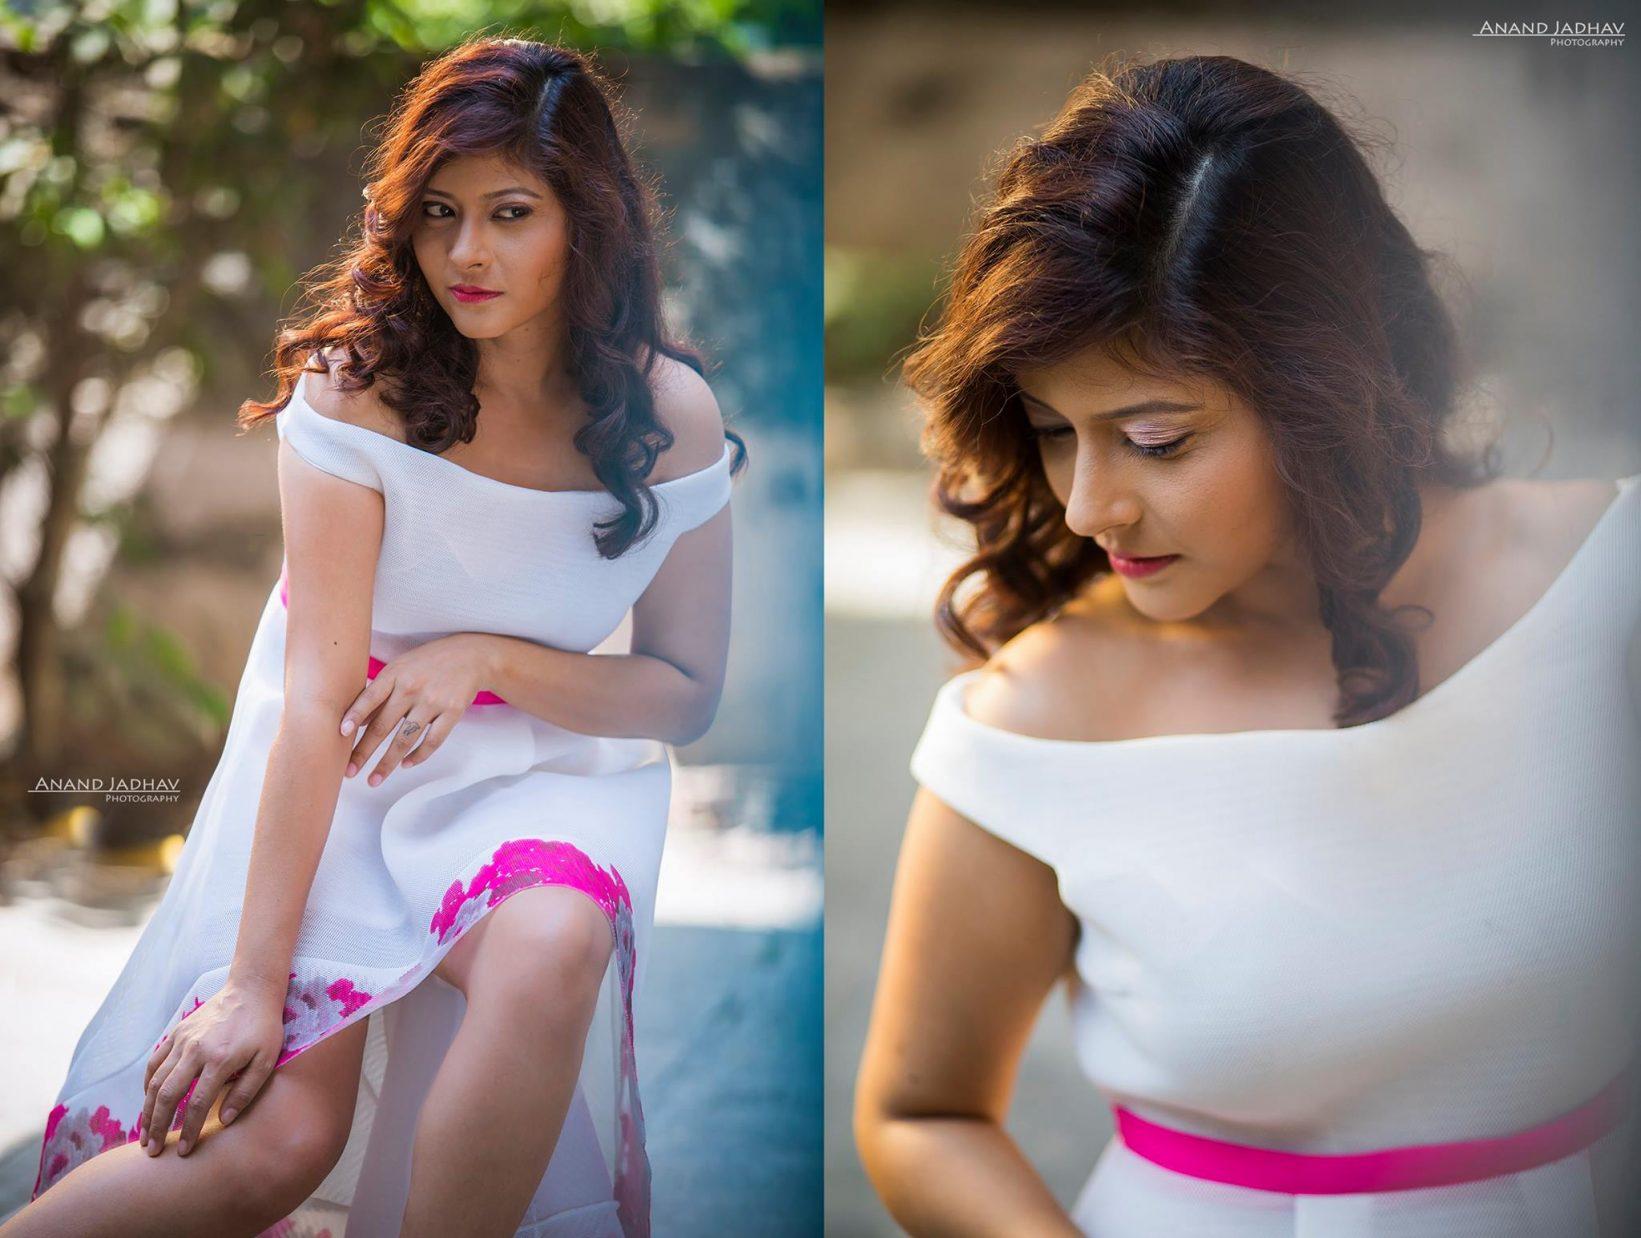 AnandJadhav_Fashion29